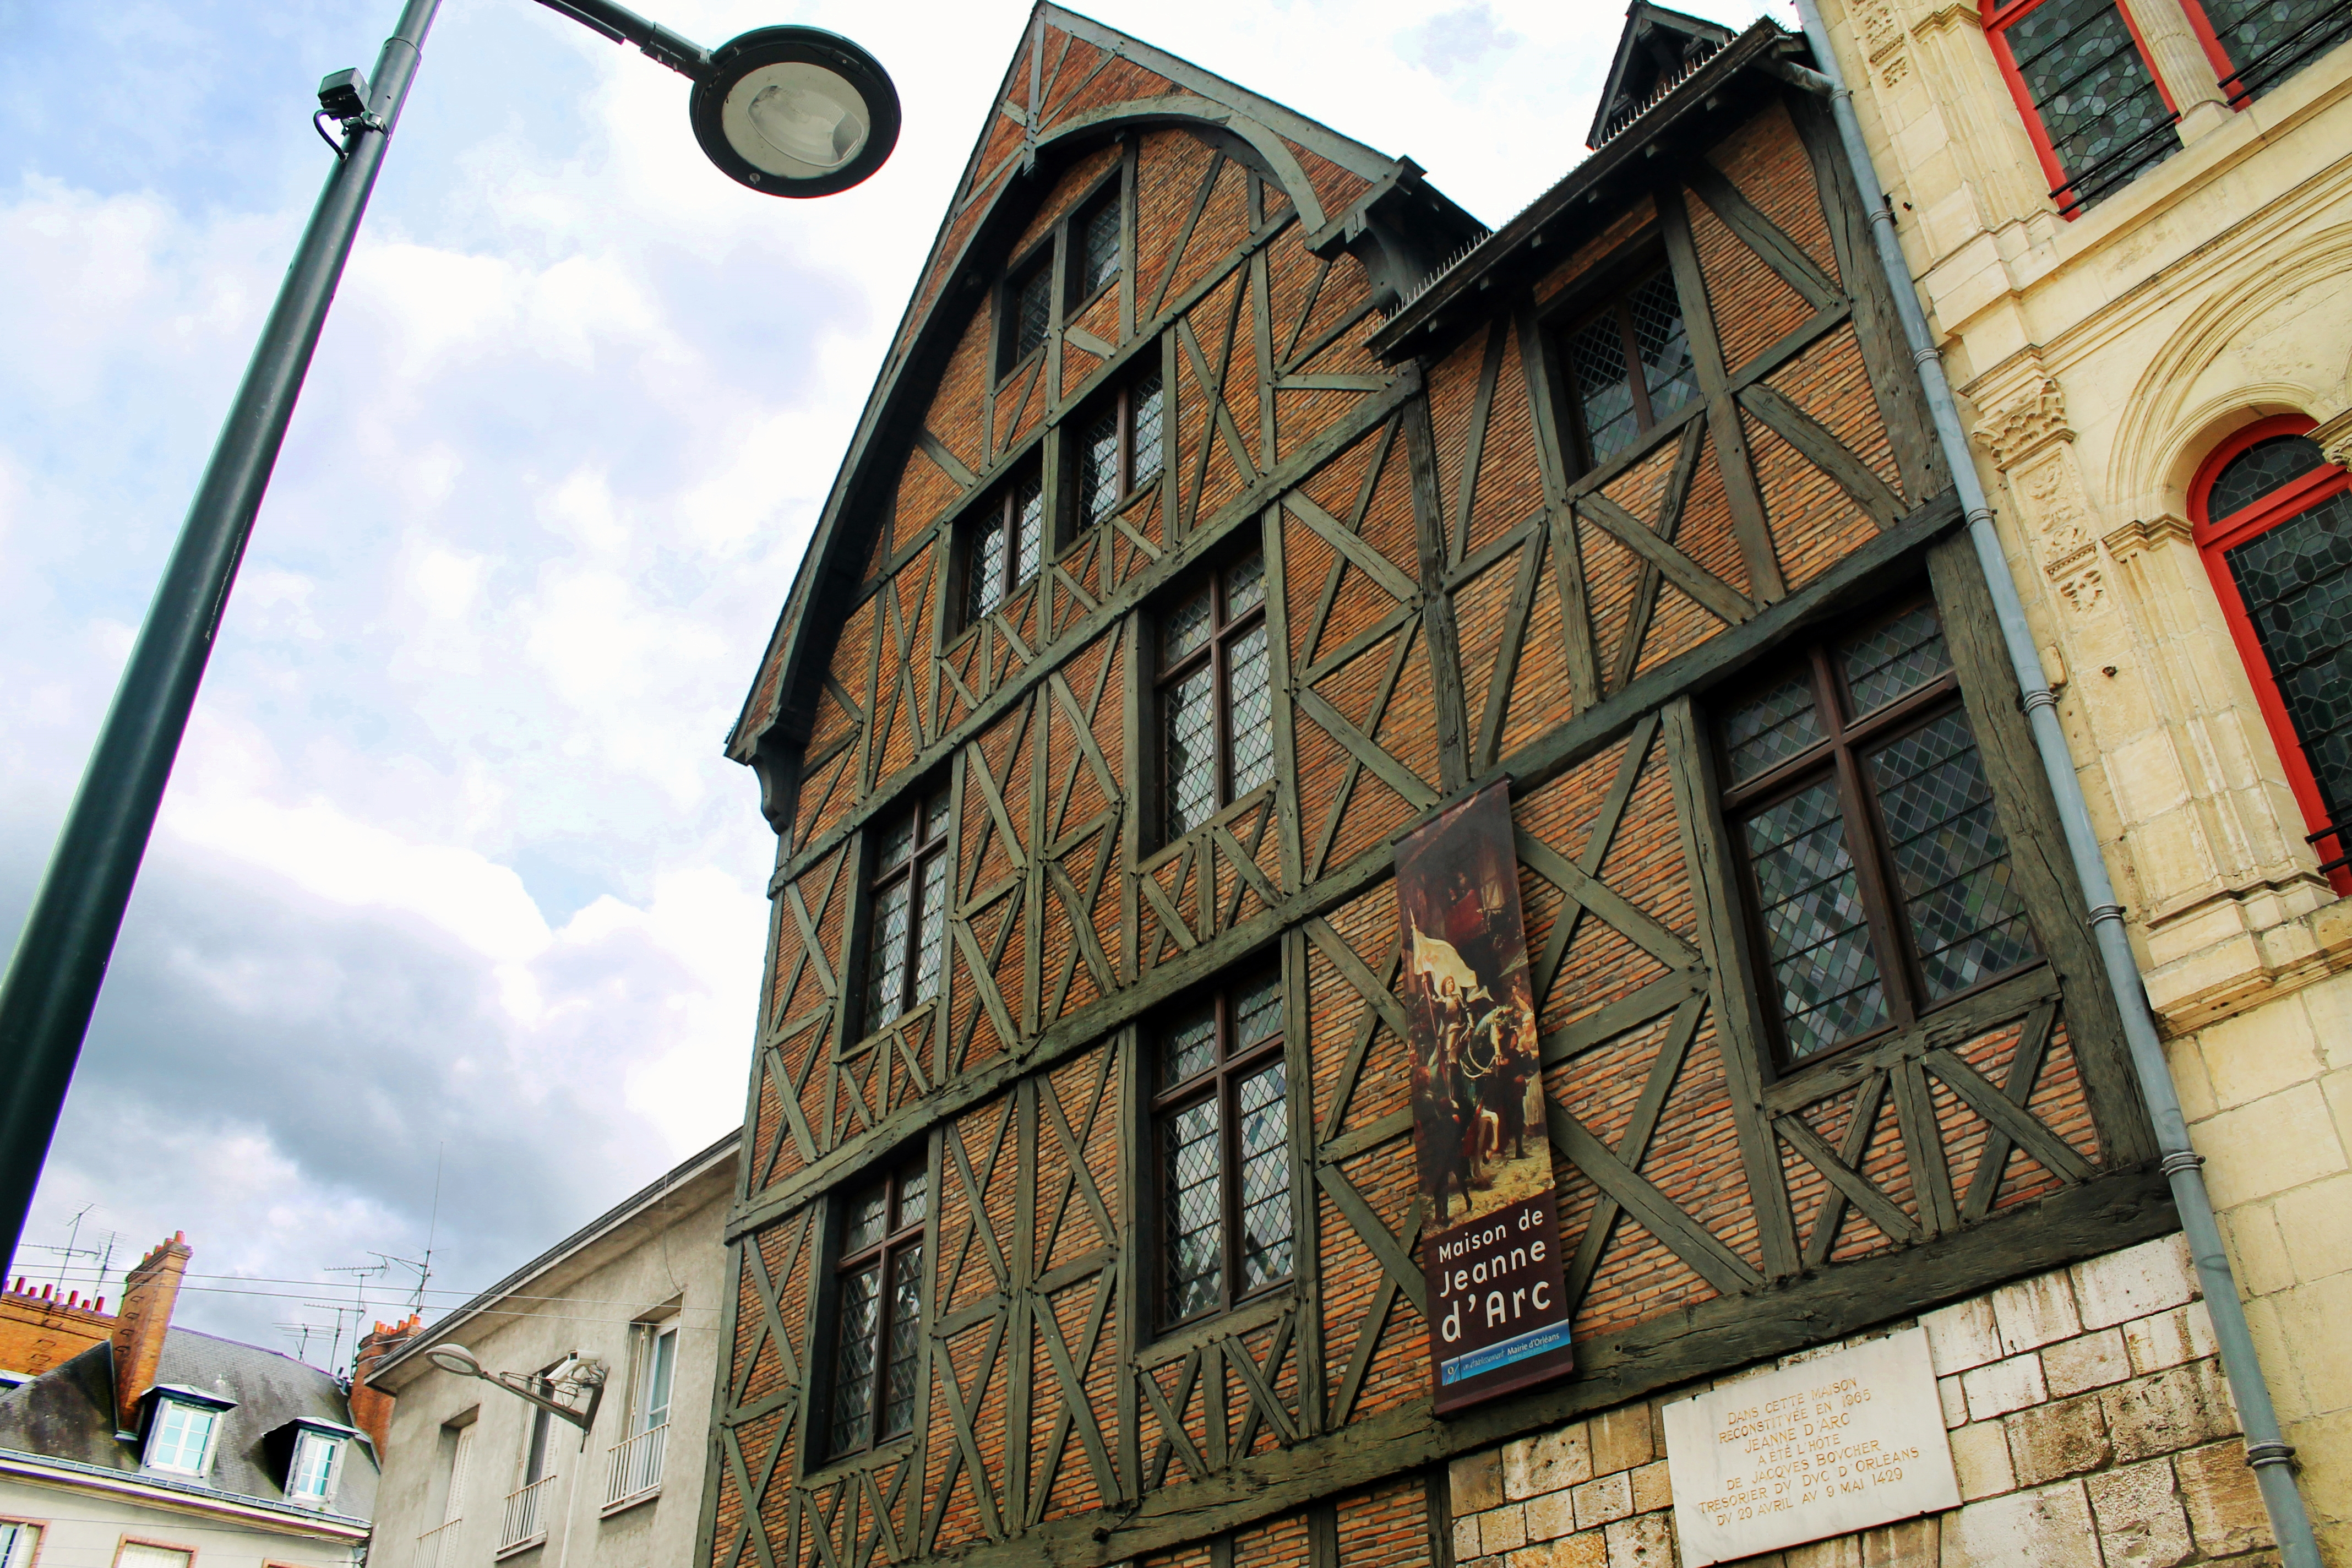 Drawing Dreaming - guia de visita de Orléans, Loire - Maison Jeanne d'Arc